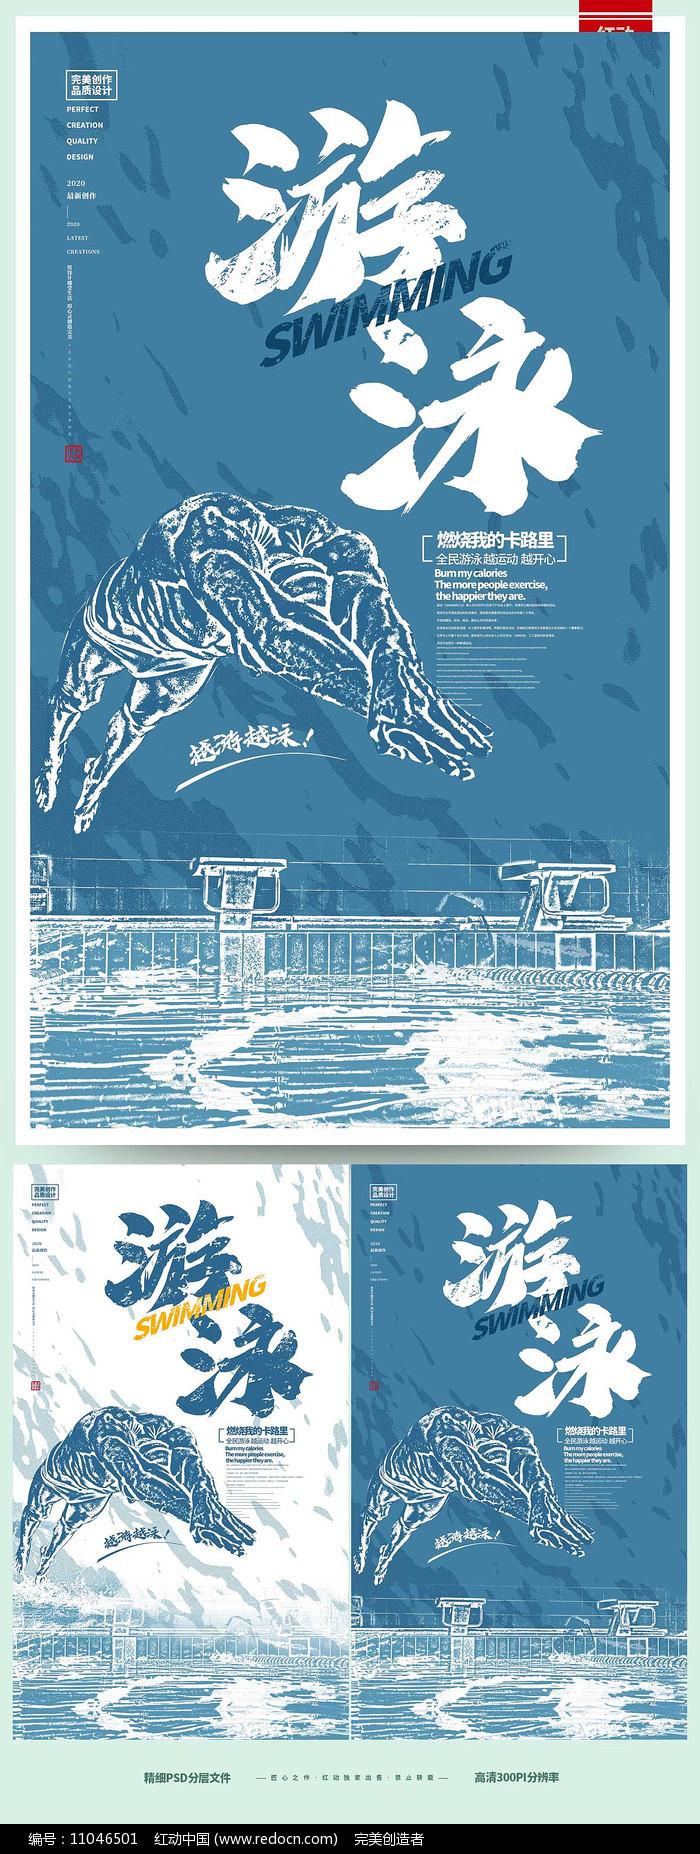 简约创意游泳宣传海报设计图片